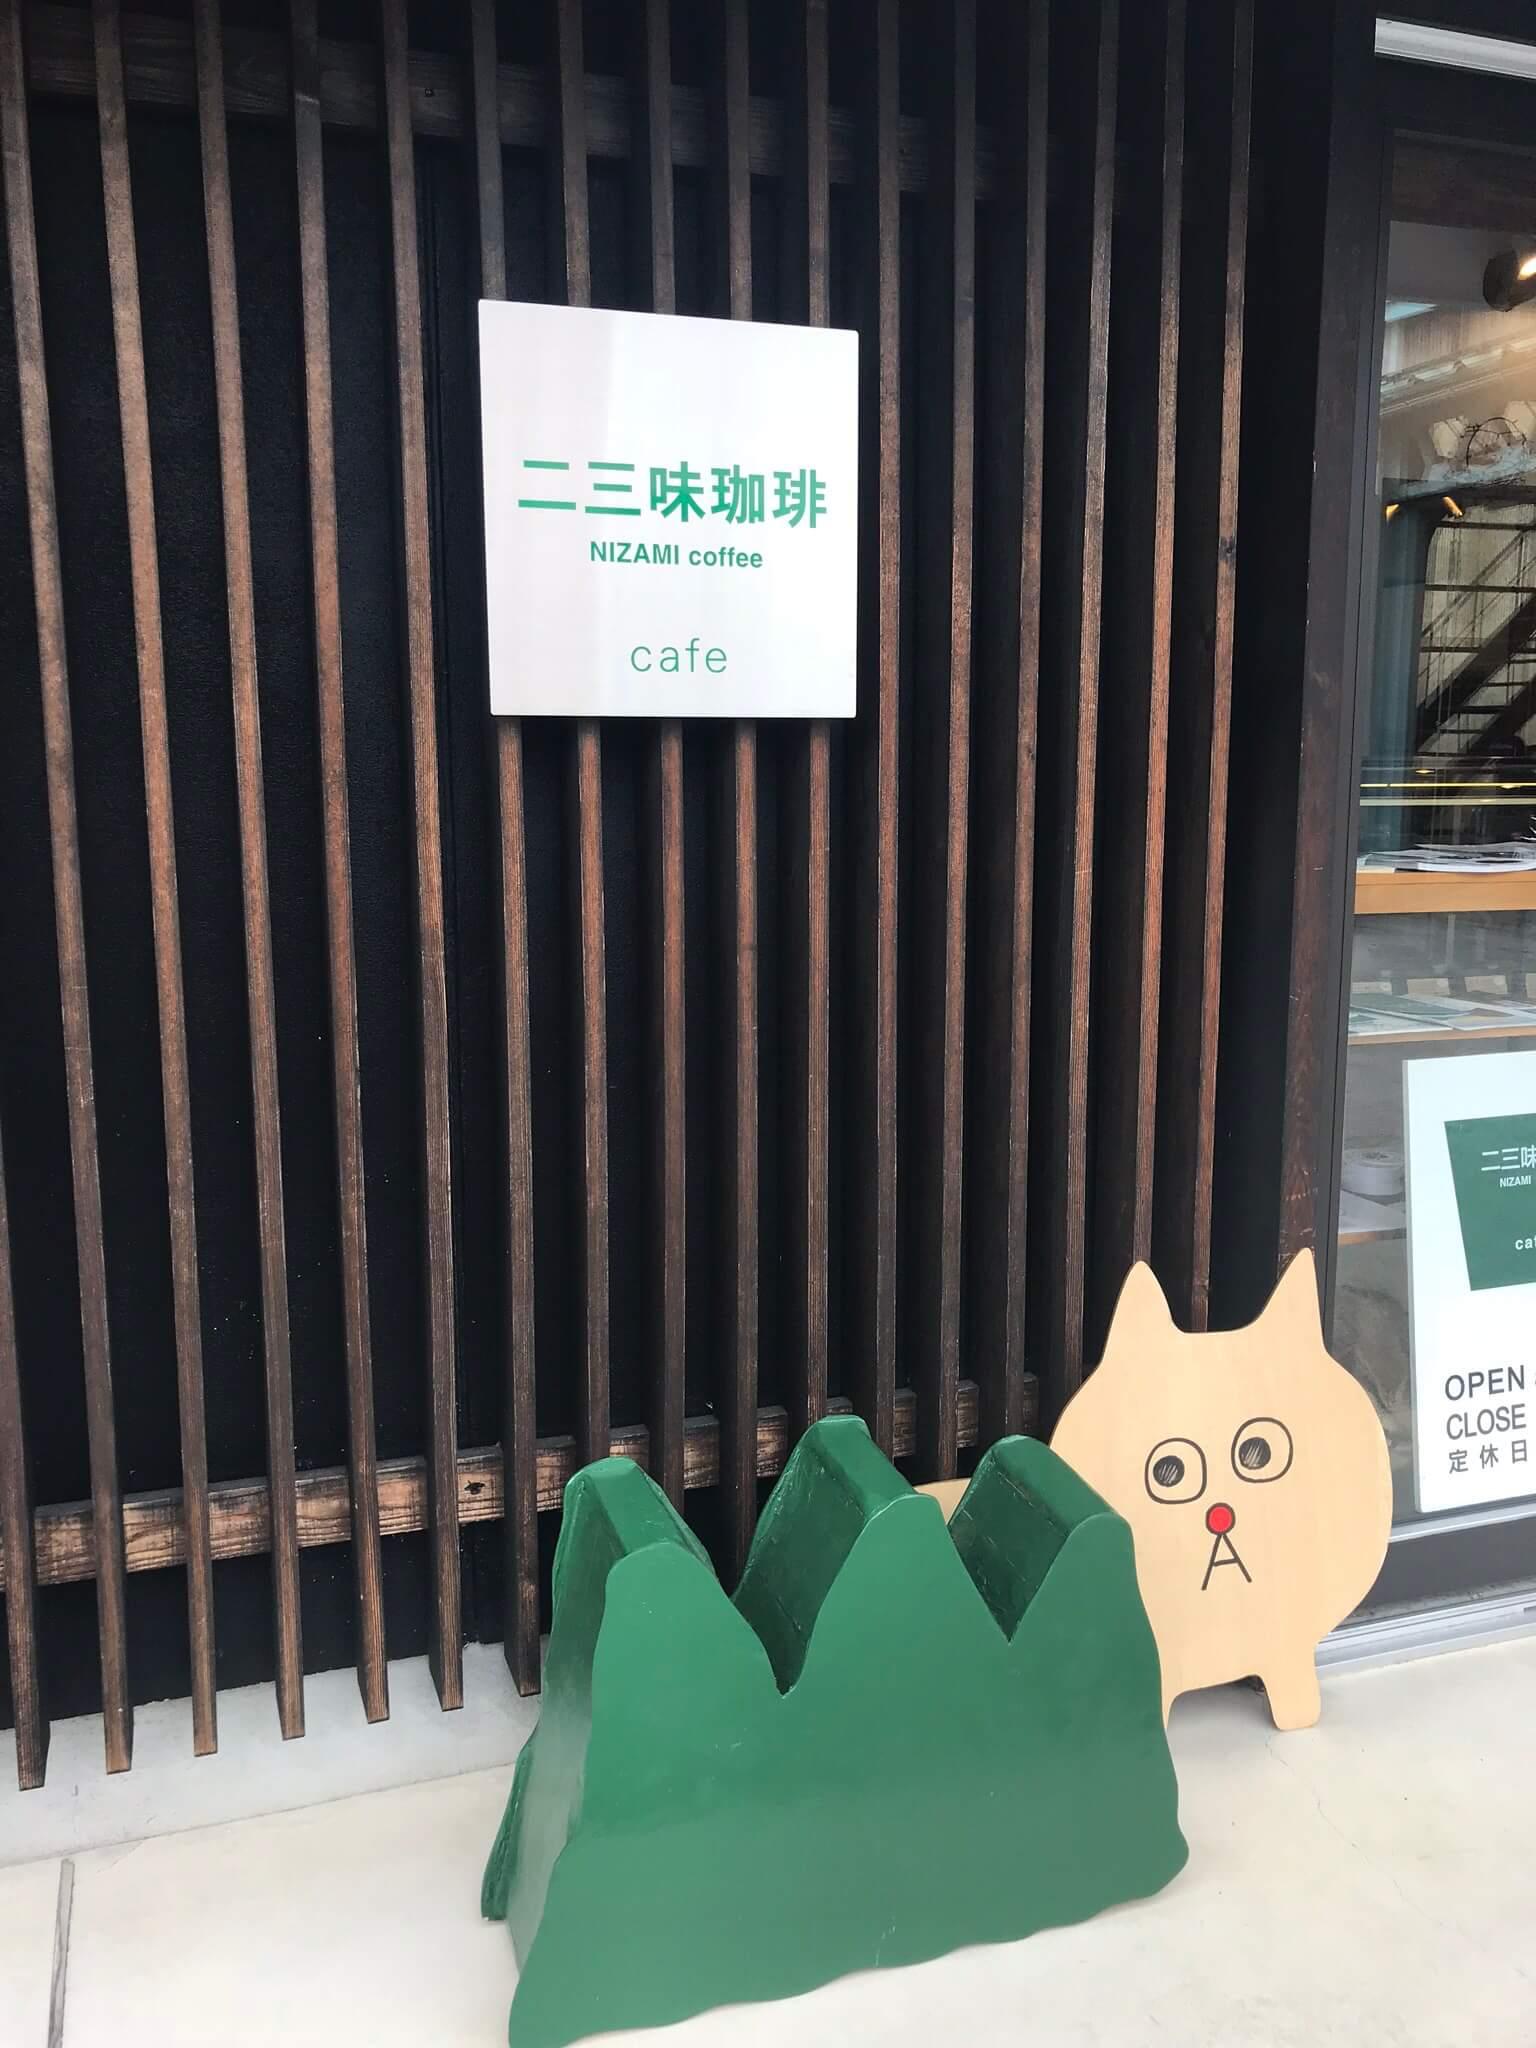 映画「さいはてにて」のモデルになった「二三味珈琲」を初体験!! @ 二三味珈琲 cafe